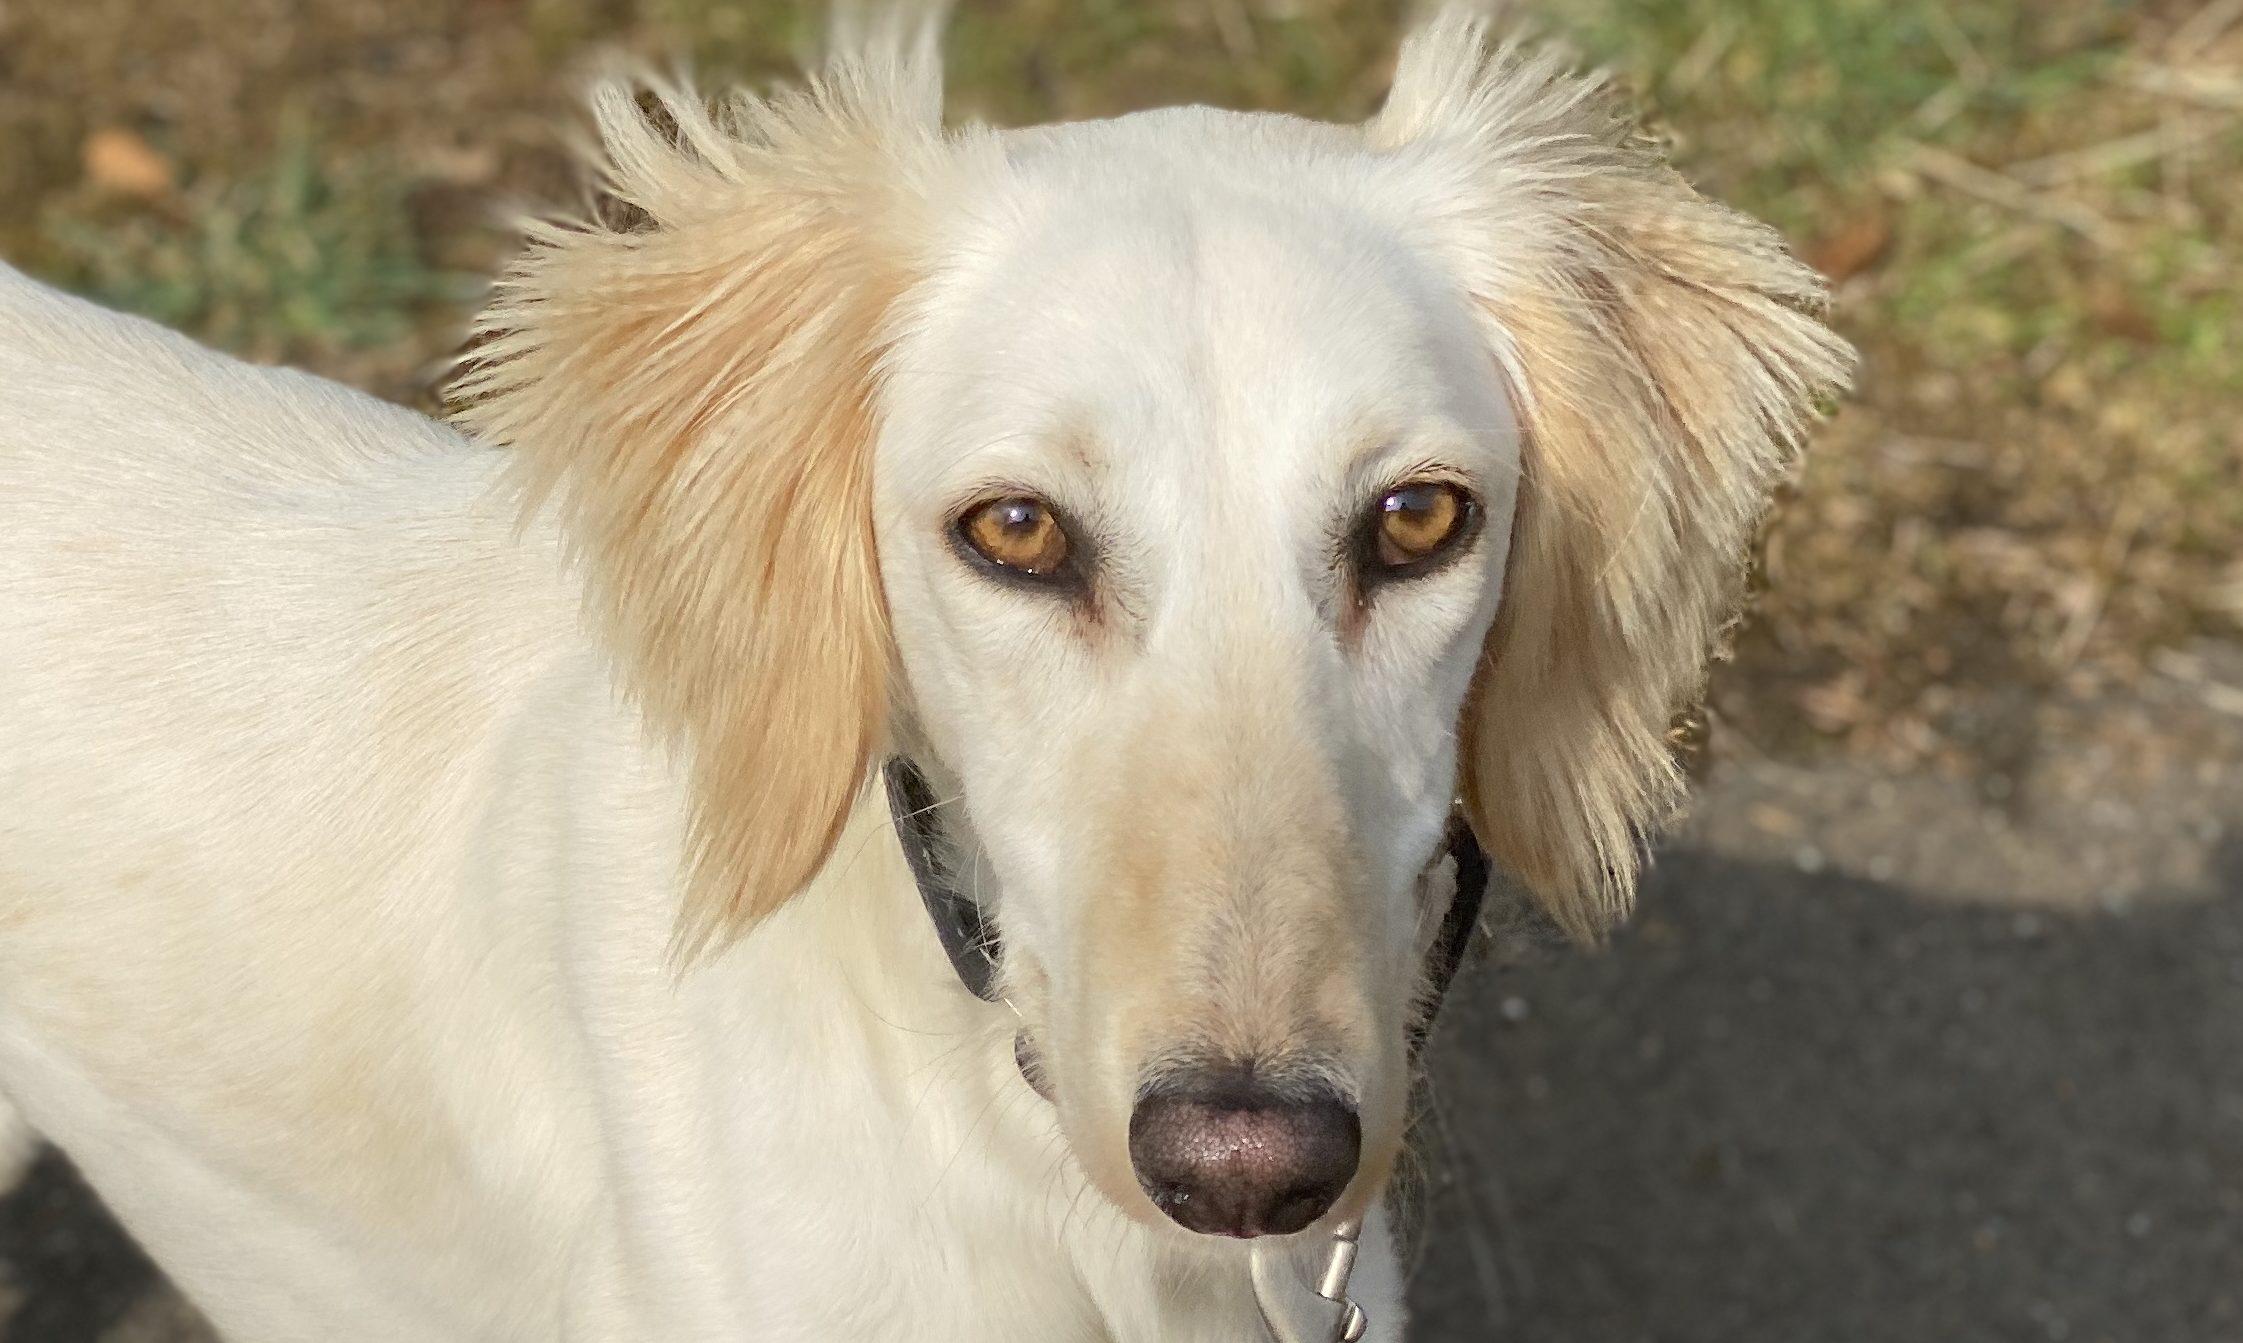 Sookie the saluki was dumped in an Aberdeenshire field.